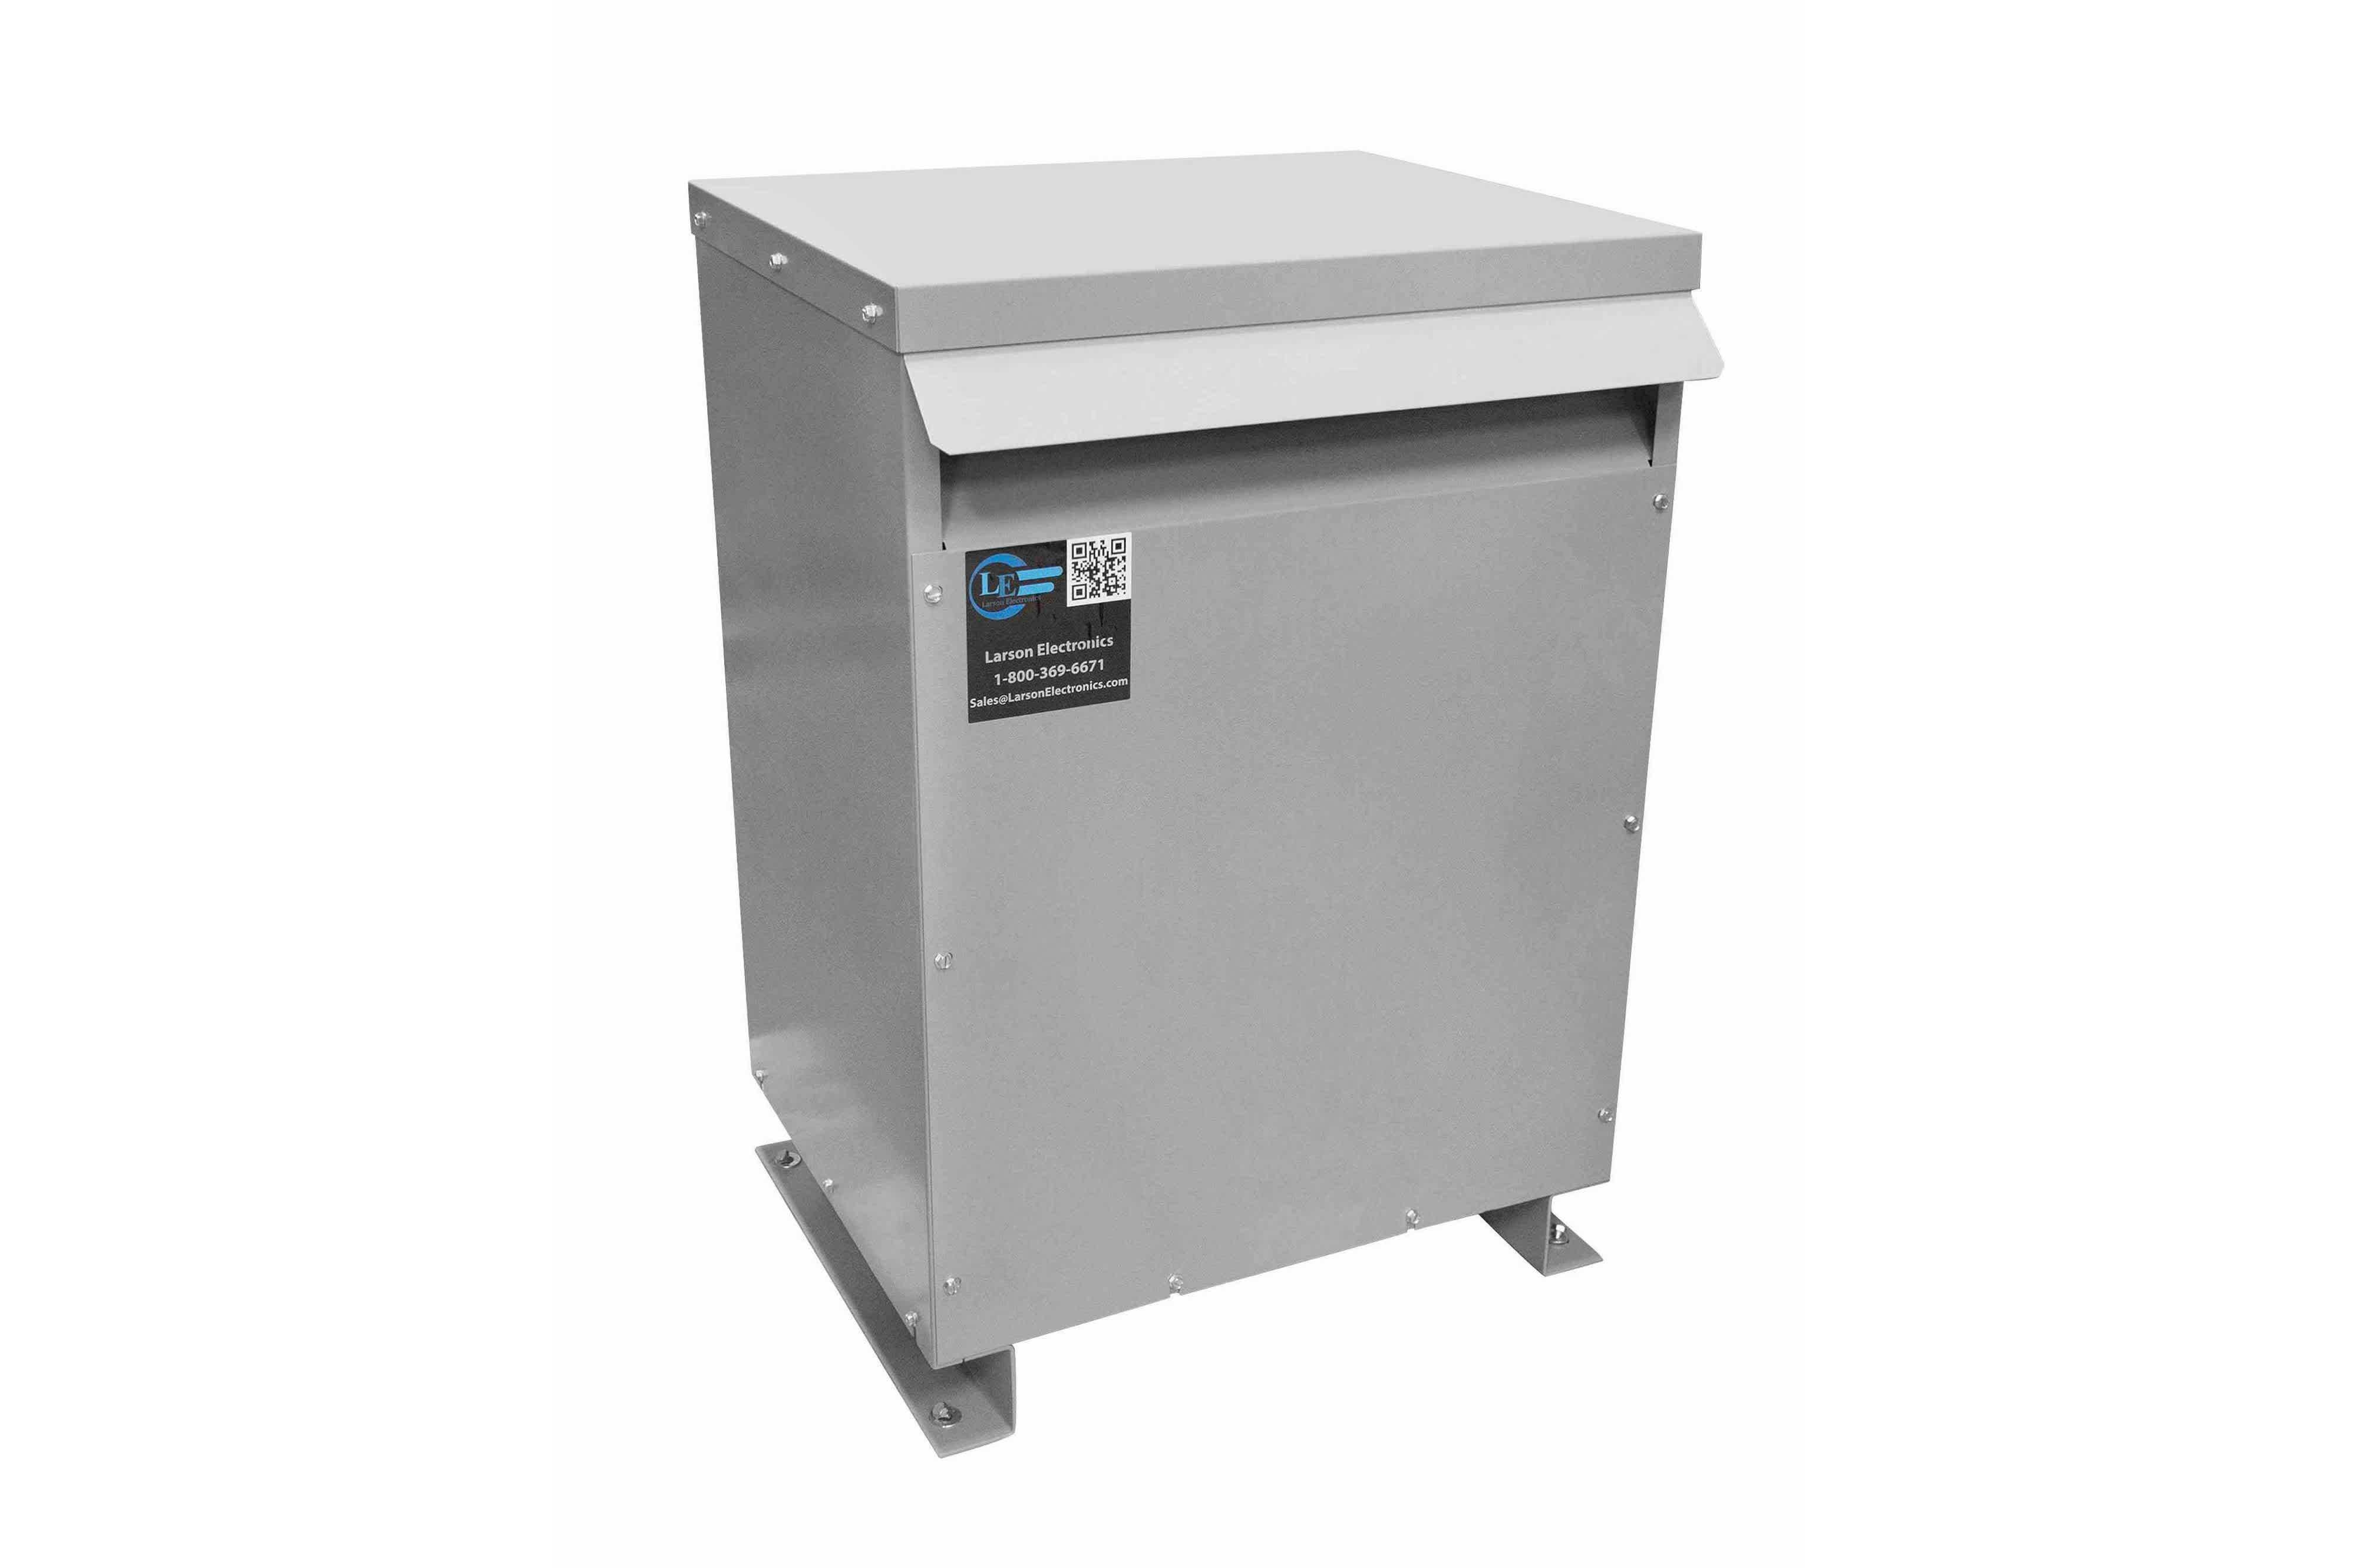 25 kVA 3PH Isolation Transformer, 240V Delta Primary, 380V Delta Secondary, N3R, Ventilated, 60 Hz